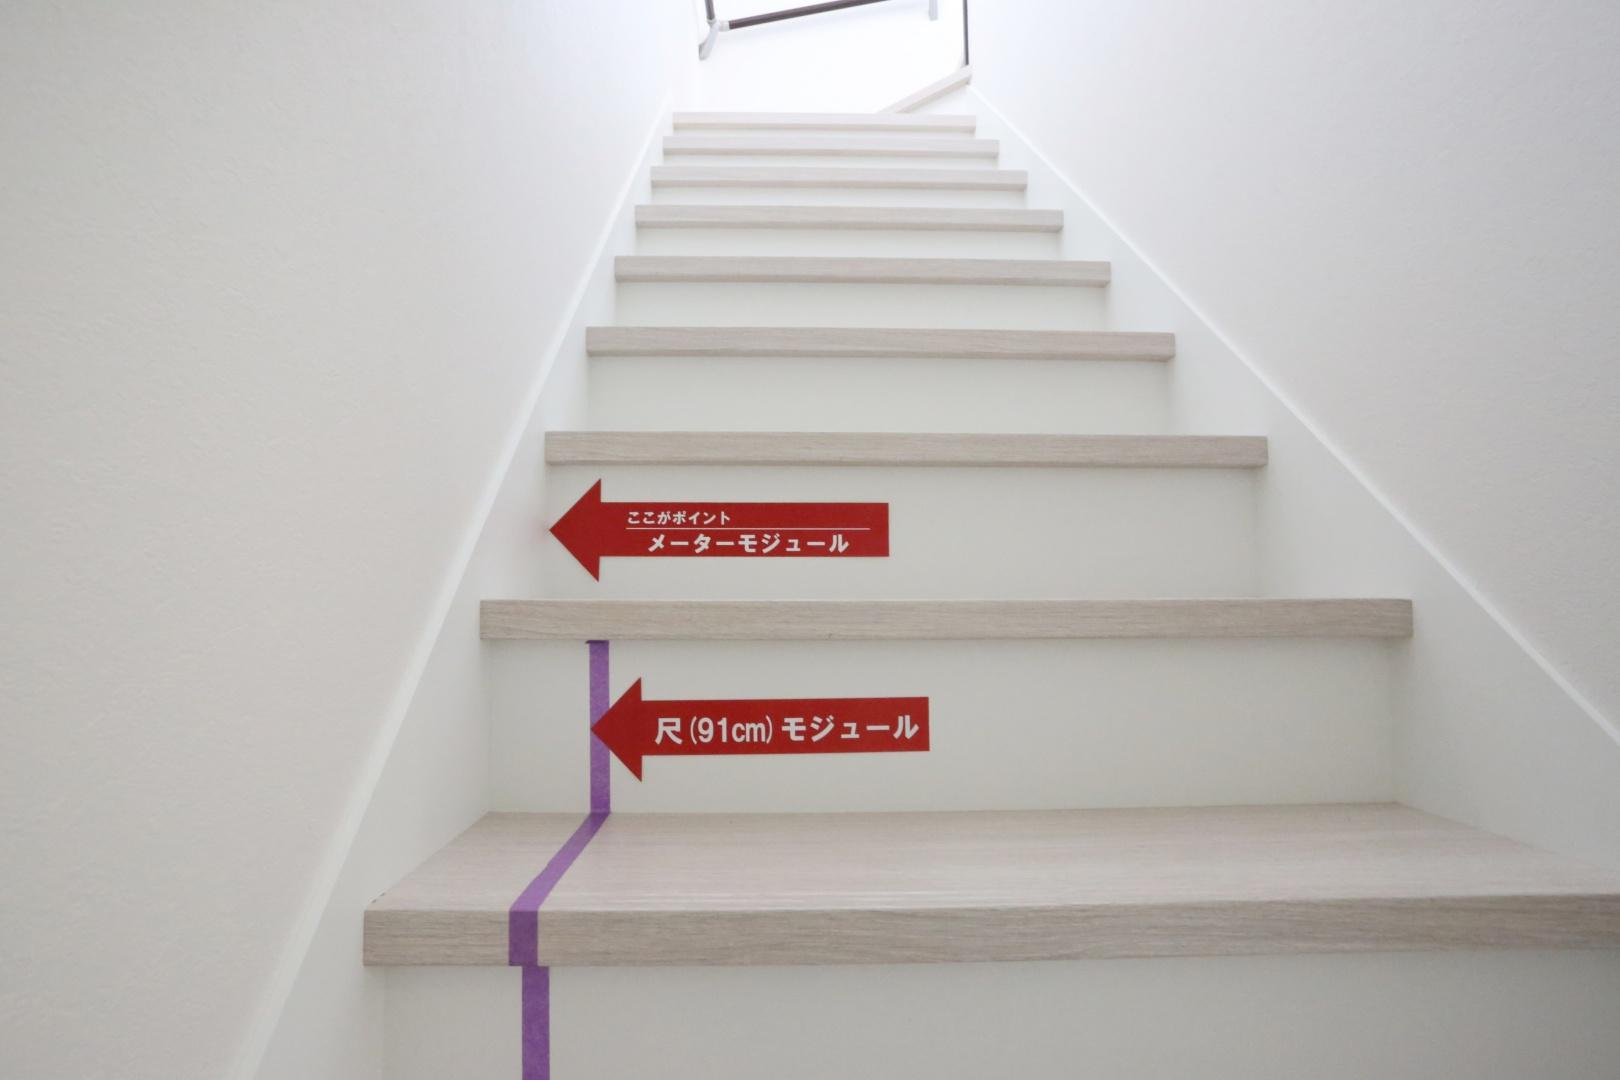 柱と柱の間が1メートルのメーターモジュールだから、 広々とした階段で上り下りもらくらく♪